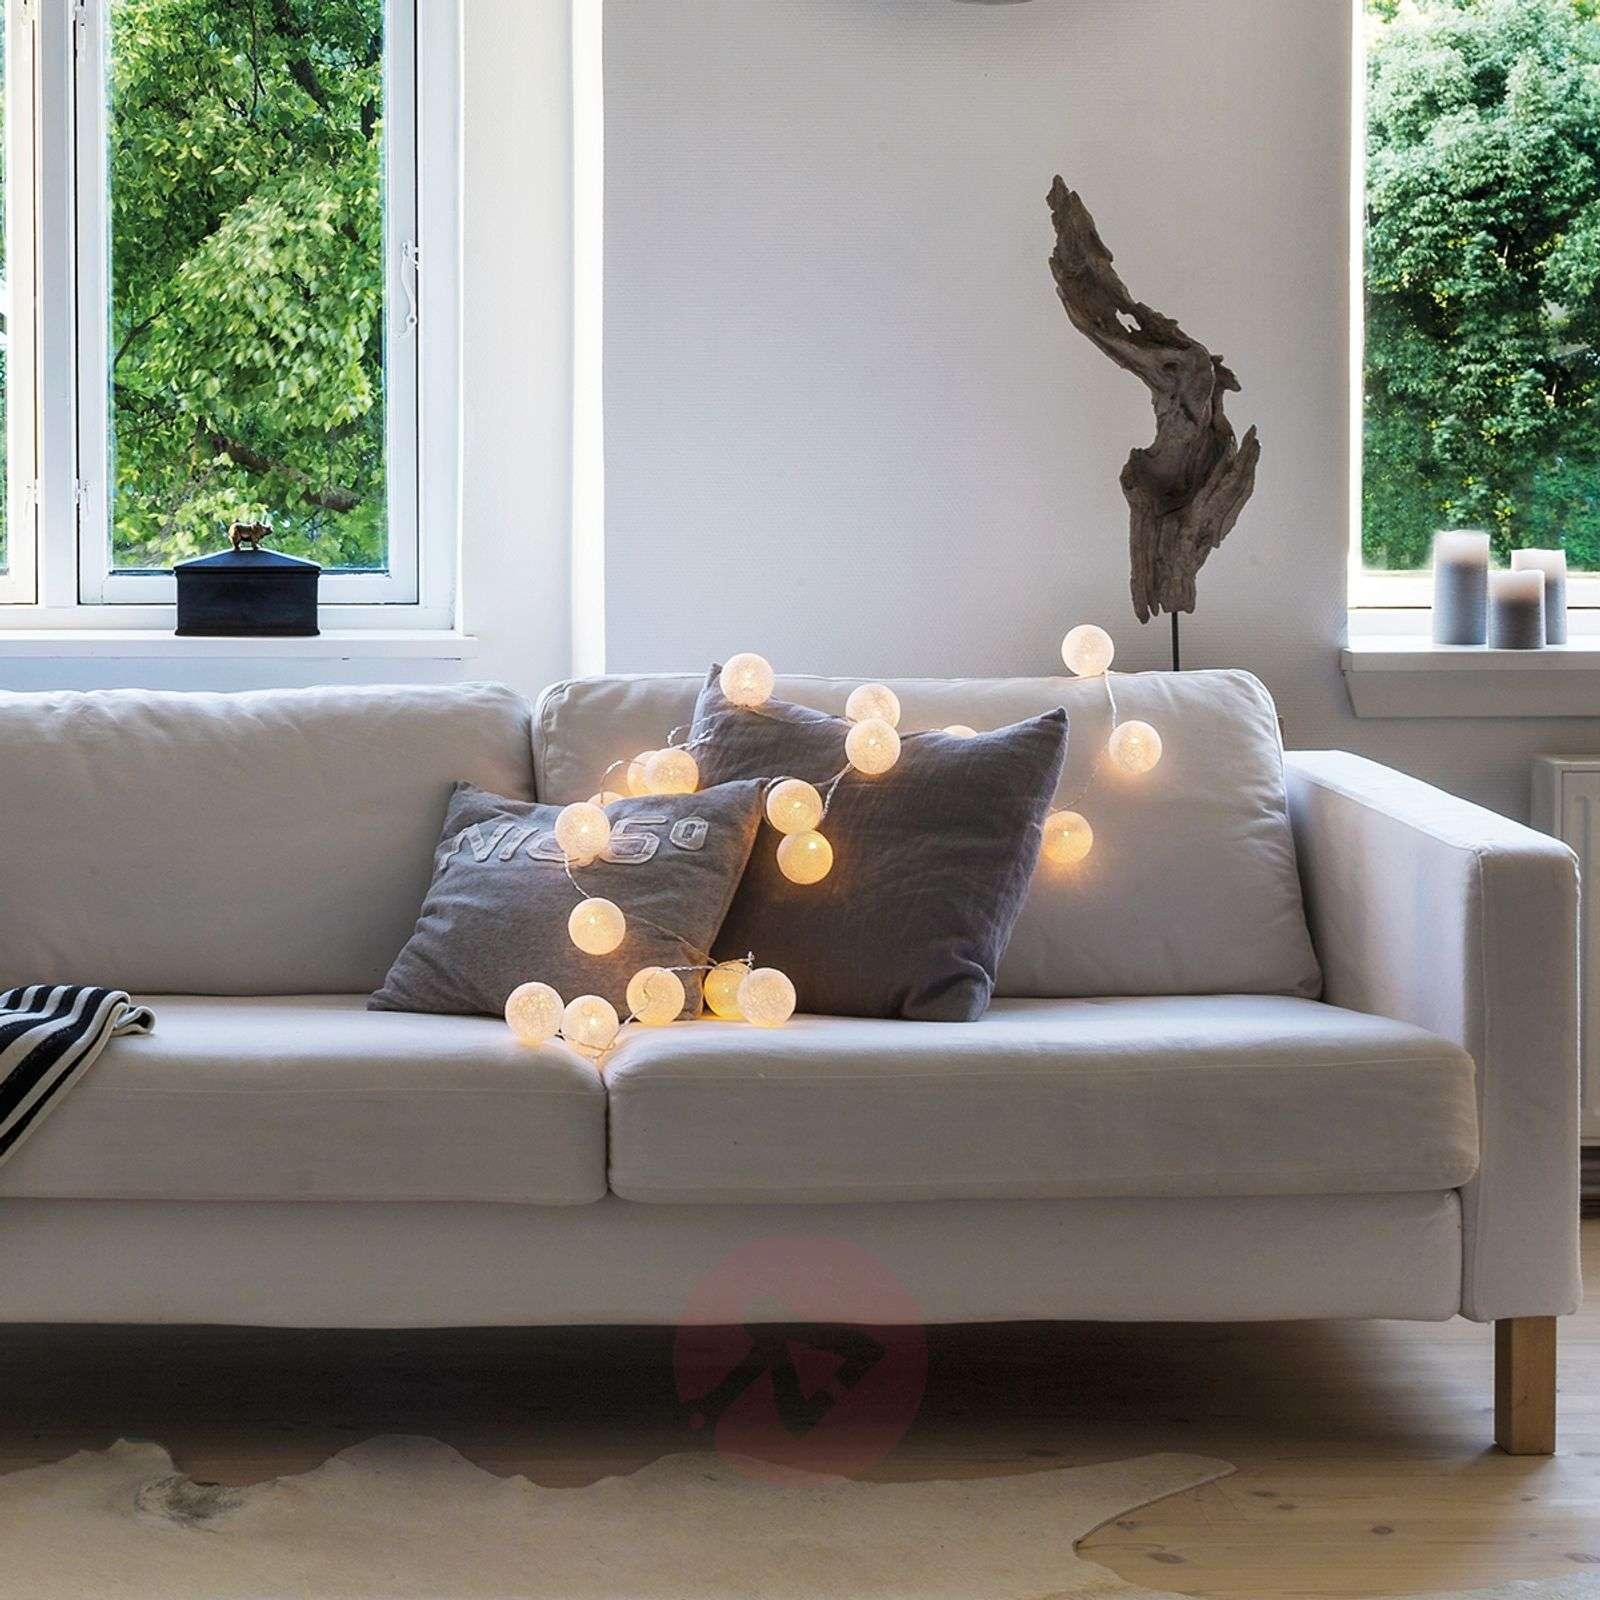 20-bulb LED string lights Bolette, pure white-8577002-01